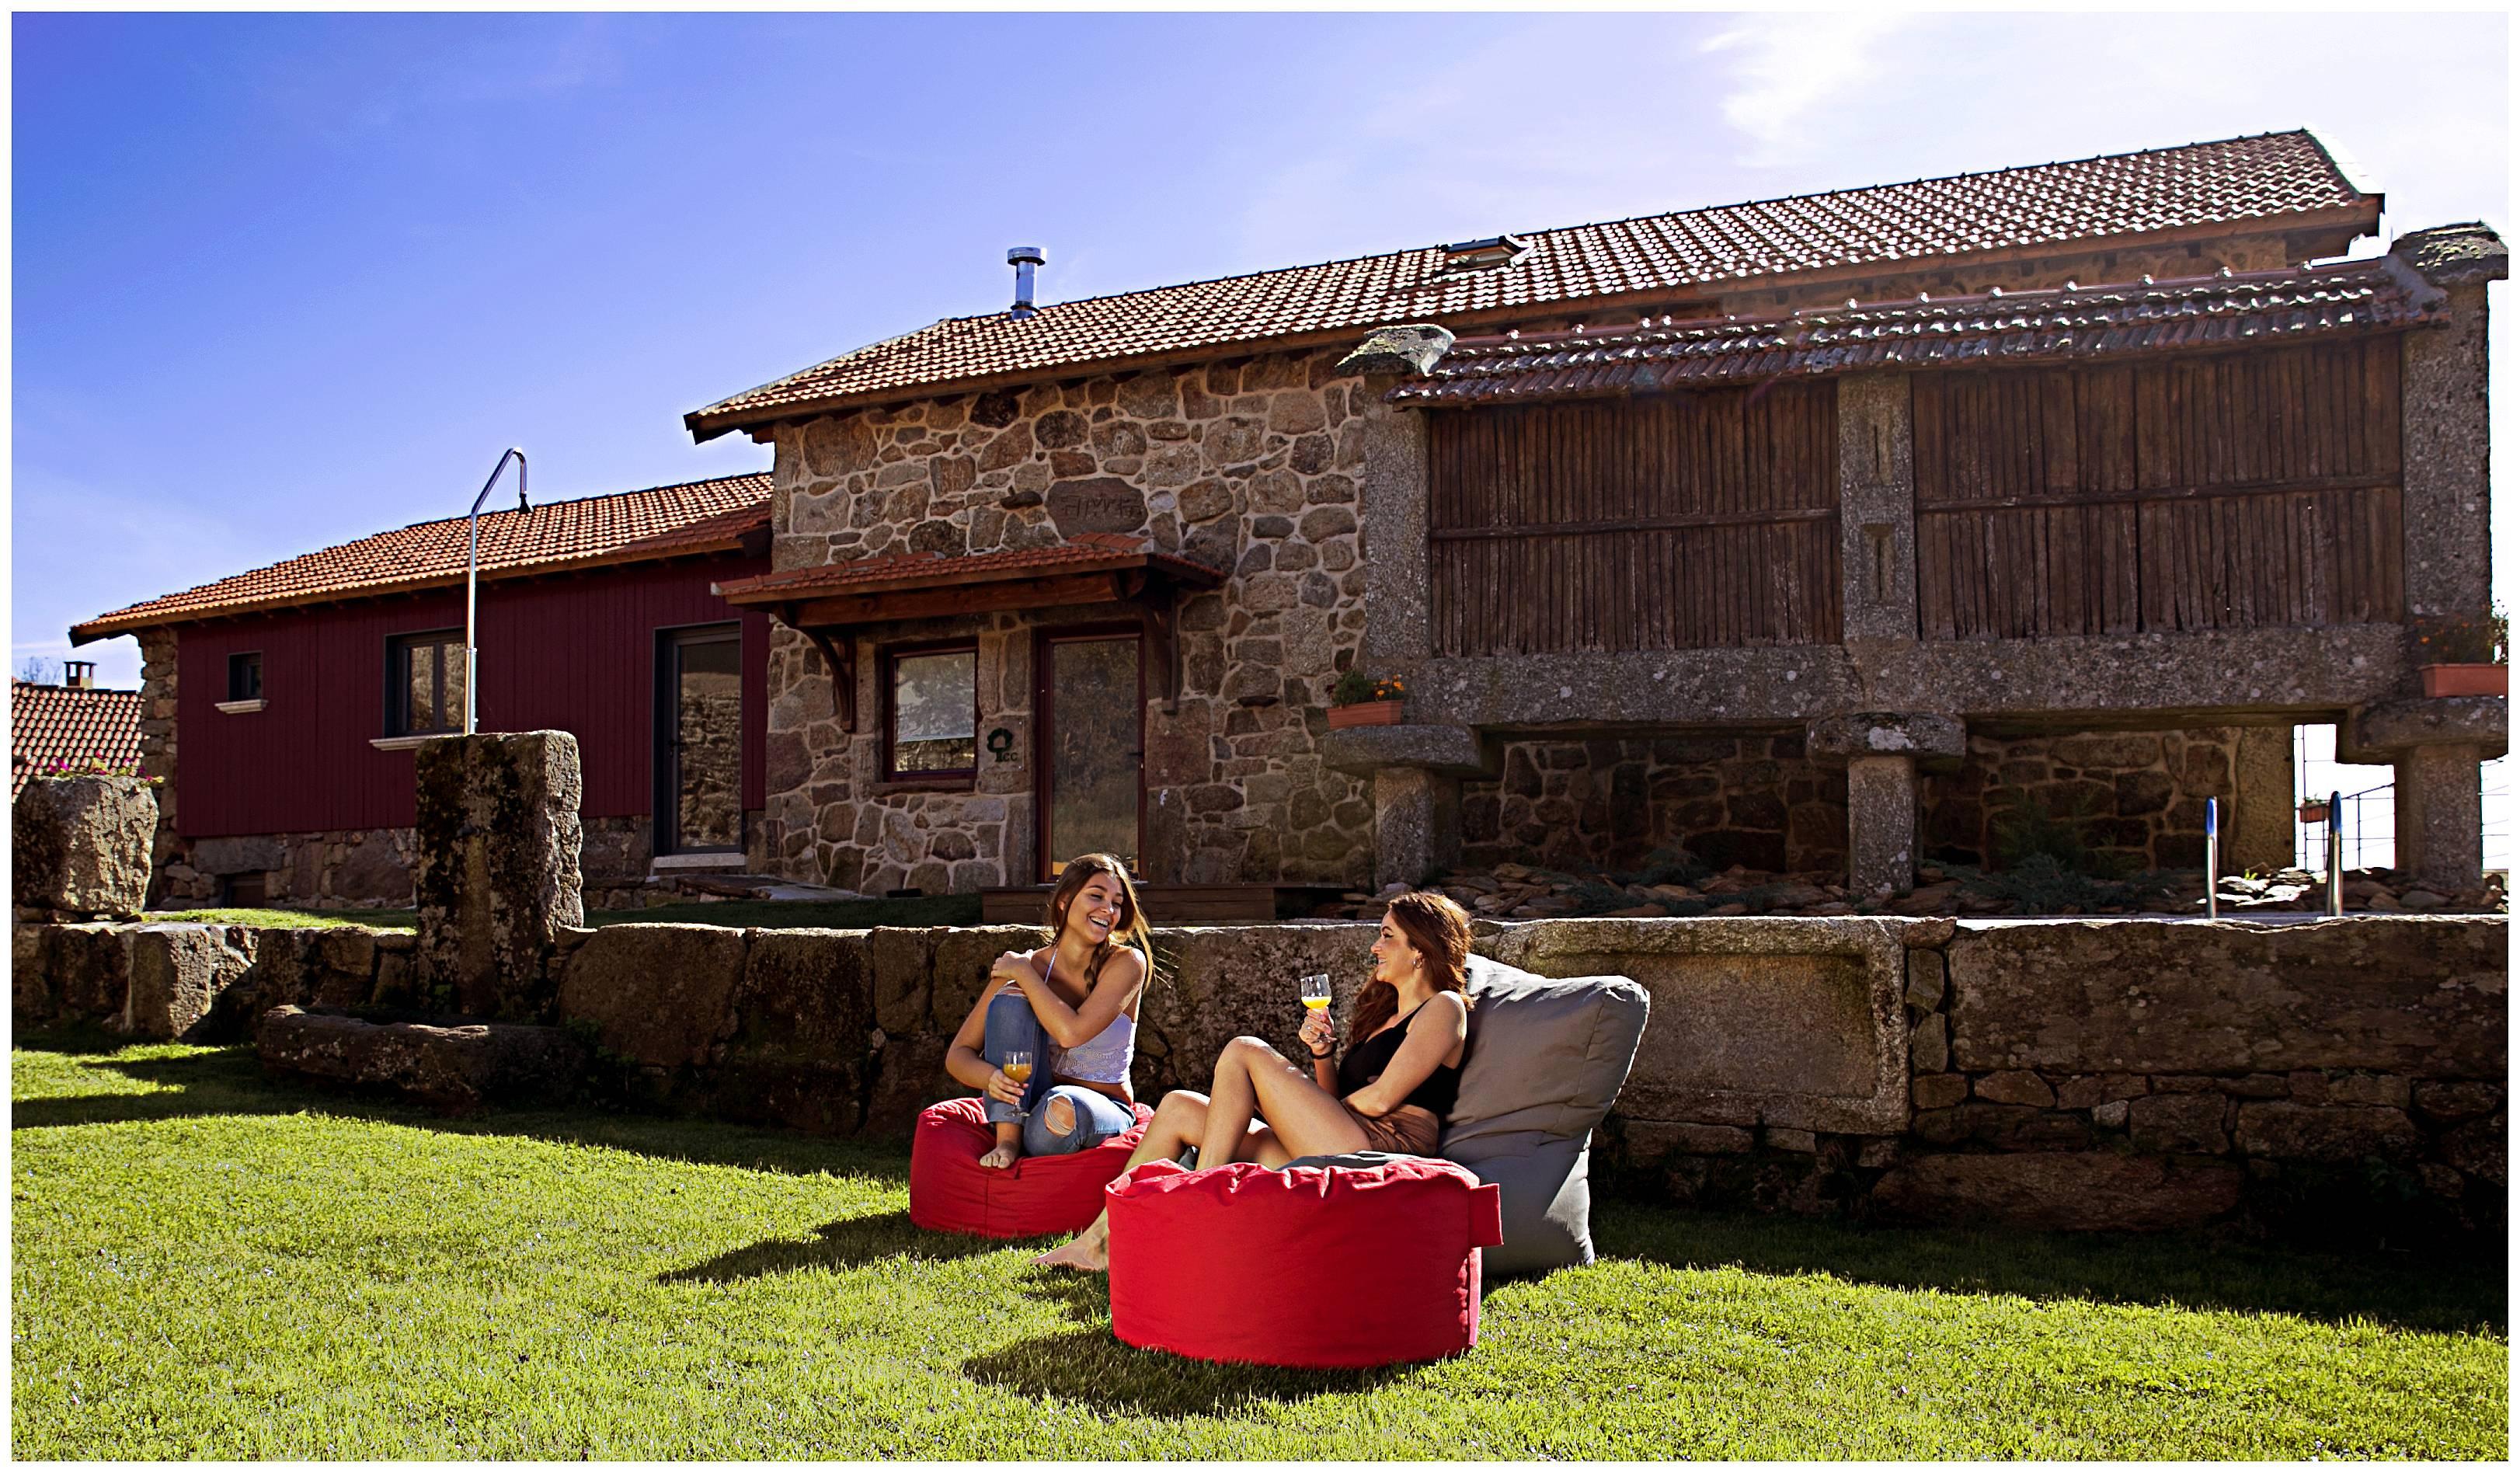 Casa do canastro montalegre sezelhe montalegre vila real parque nacional da peneda ger s - Apartamentos en lisboa vacaciones ...